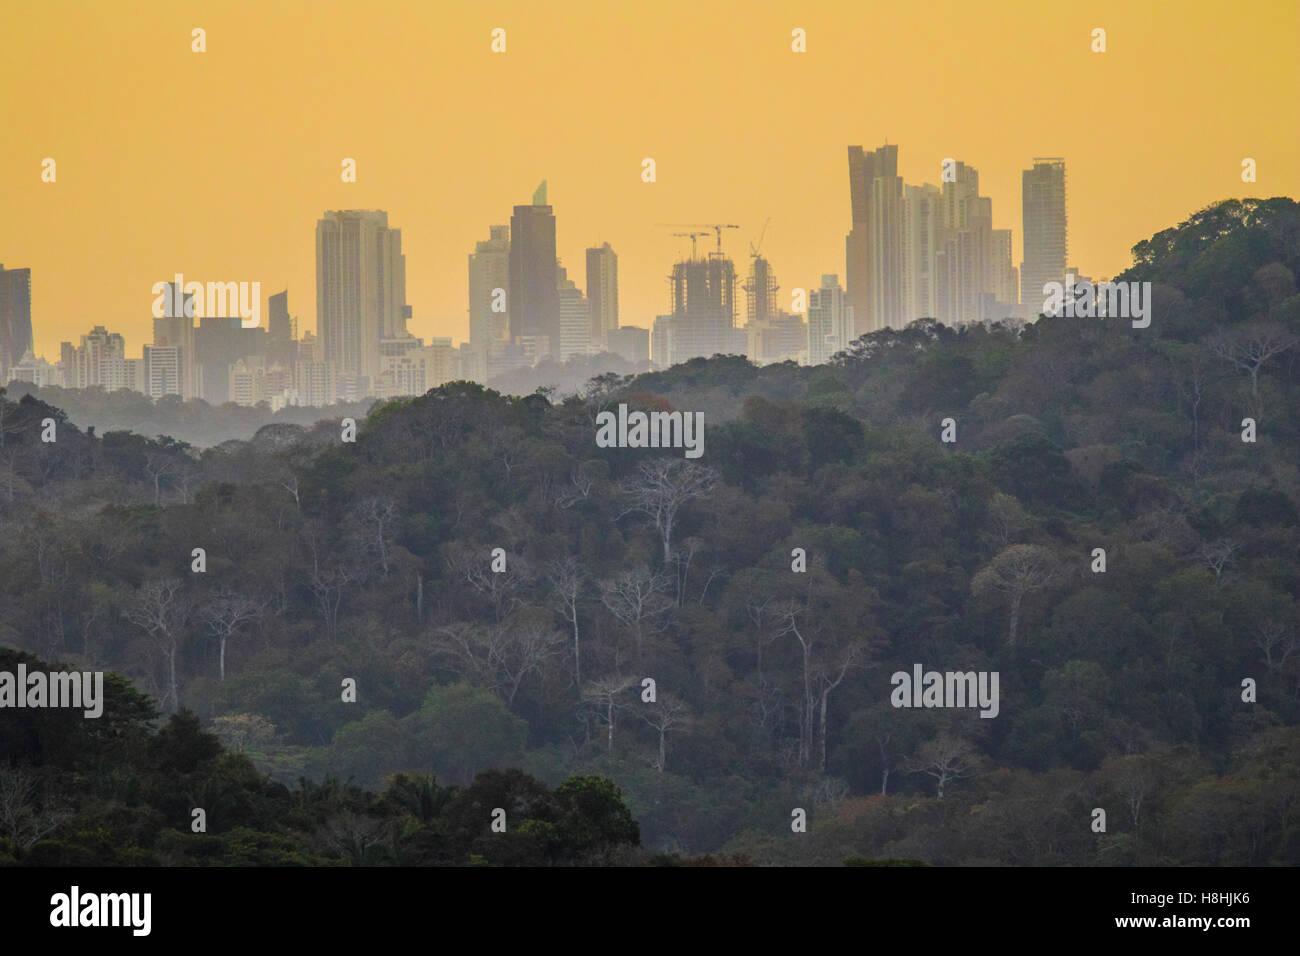 RAINFOREST AND PANAMA CITY at sunrise, Soberiana National Park, Panama. - Stock Image